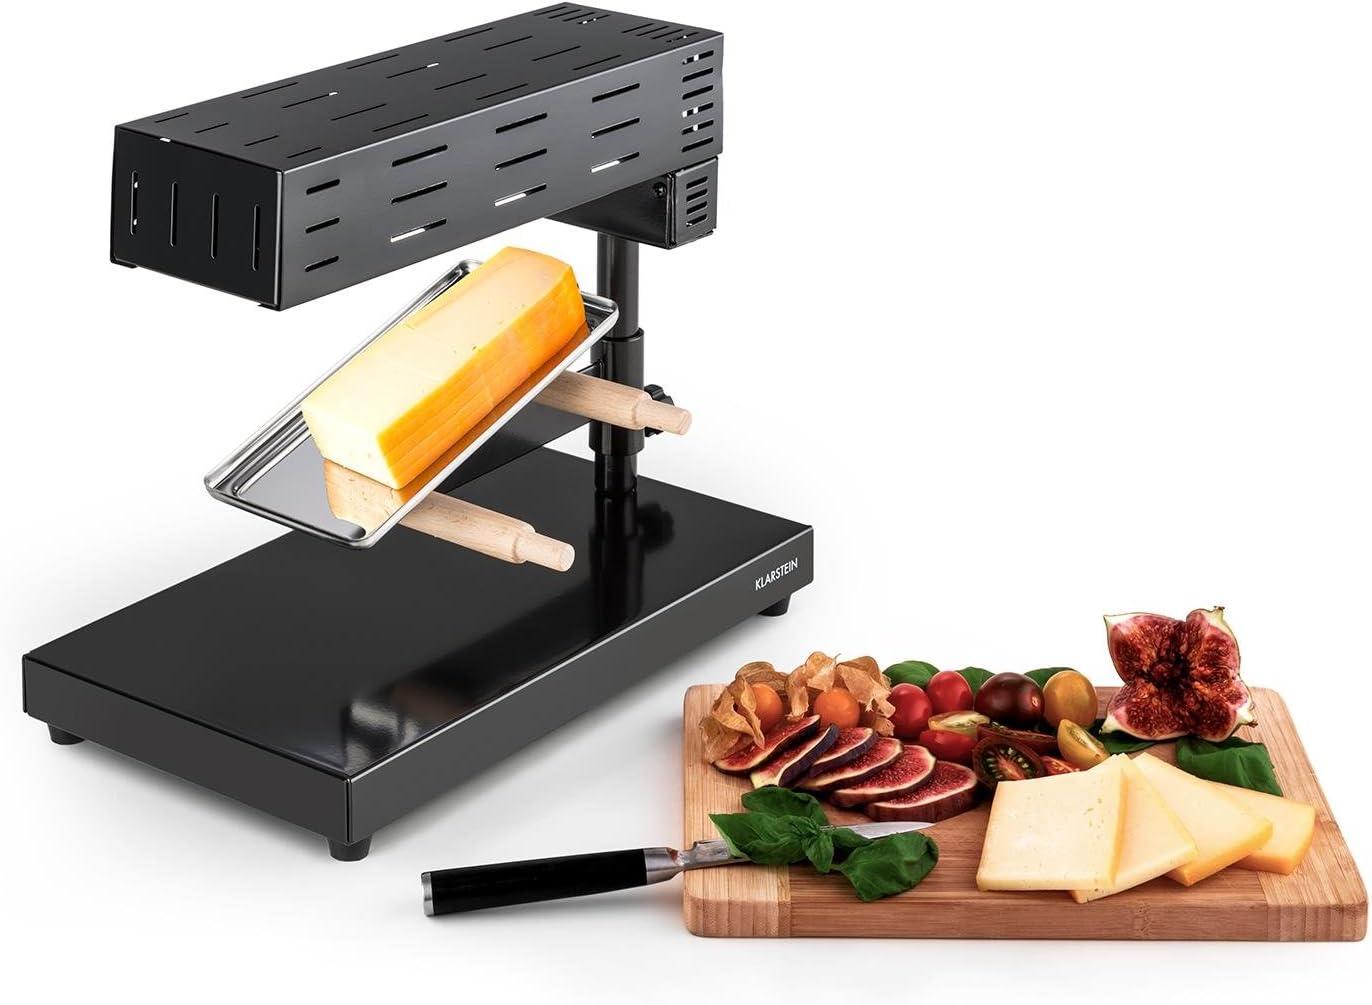 Raclette tradicional, Comparativa de los mejores modelos de 2021 4